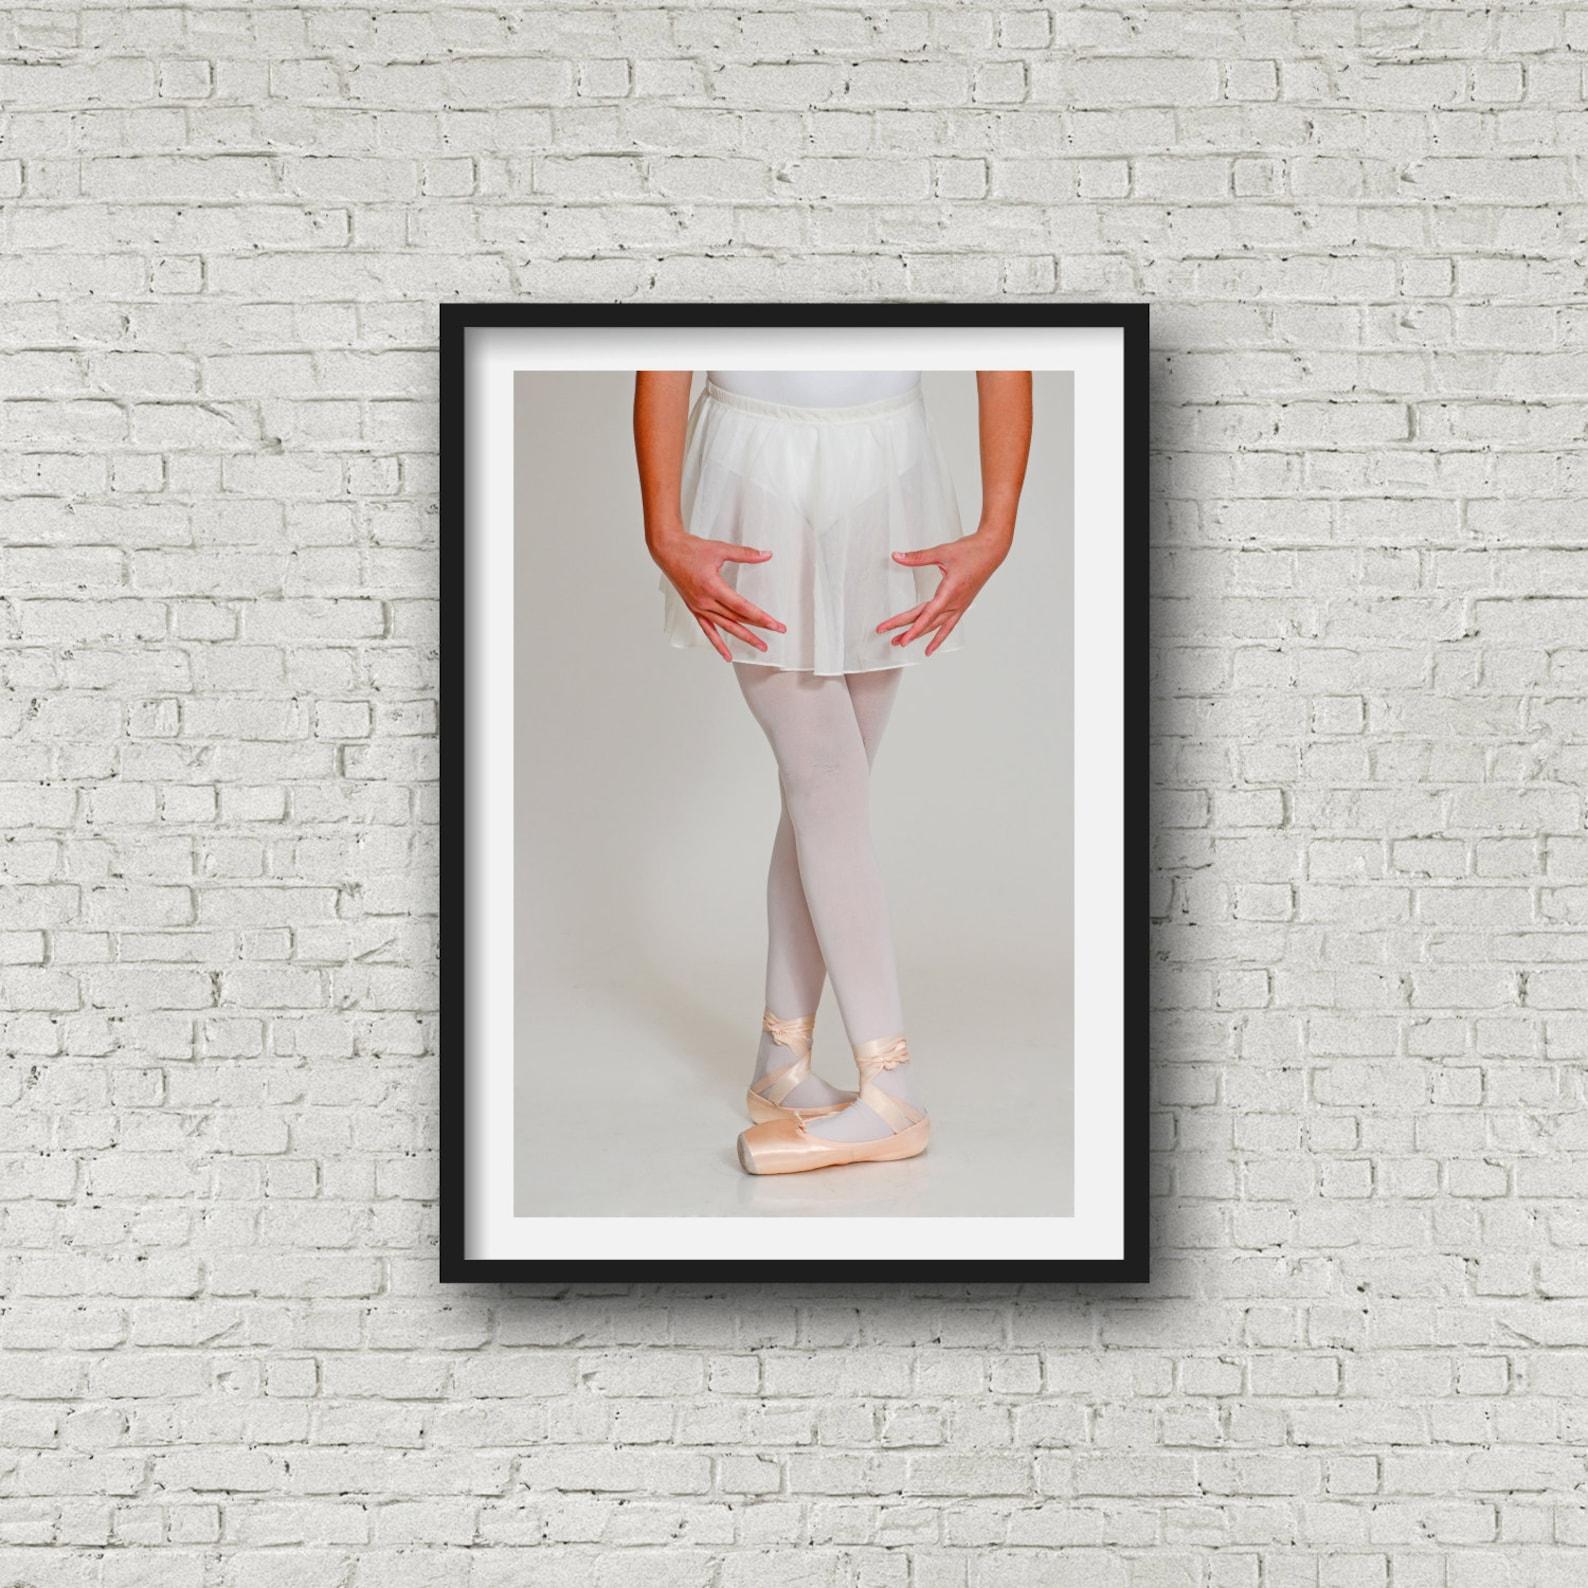 art & collectibles - ballet print- homage a degas- large wall art - ballet shoes by einat hatzamri shavit